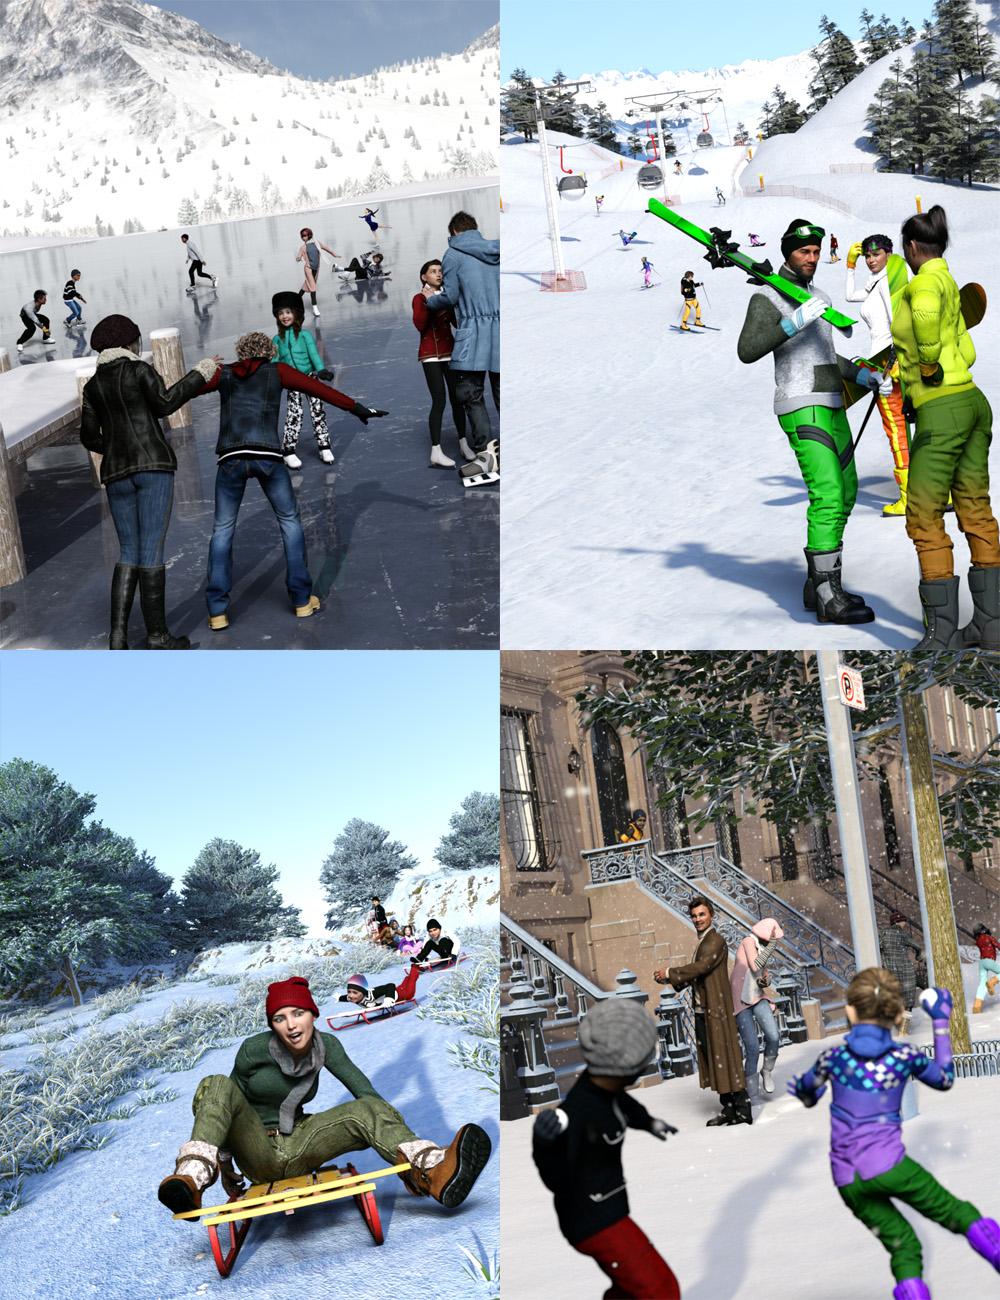 Now-Crowd Billboards - Winter Fun Bundle by: RiverSoft Art, 3D Models by Daz 3D